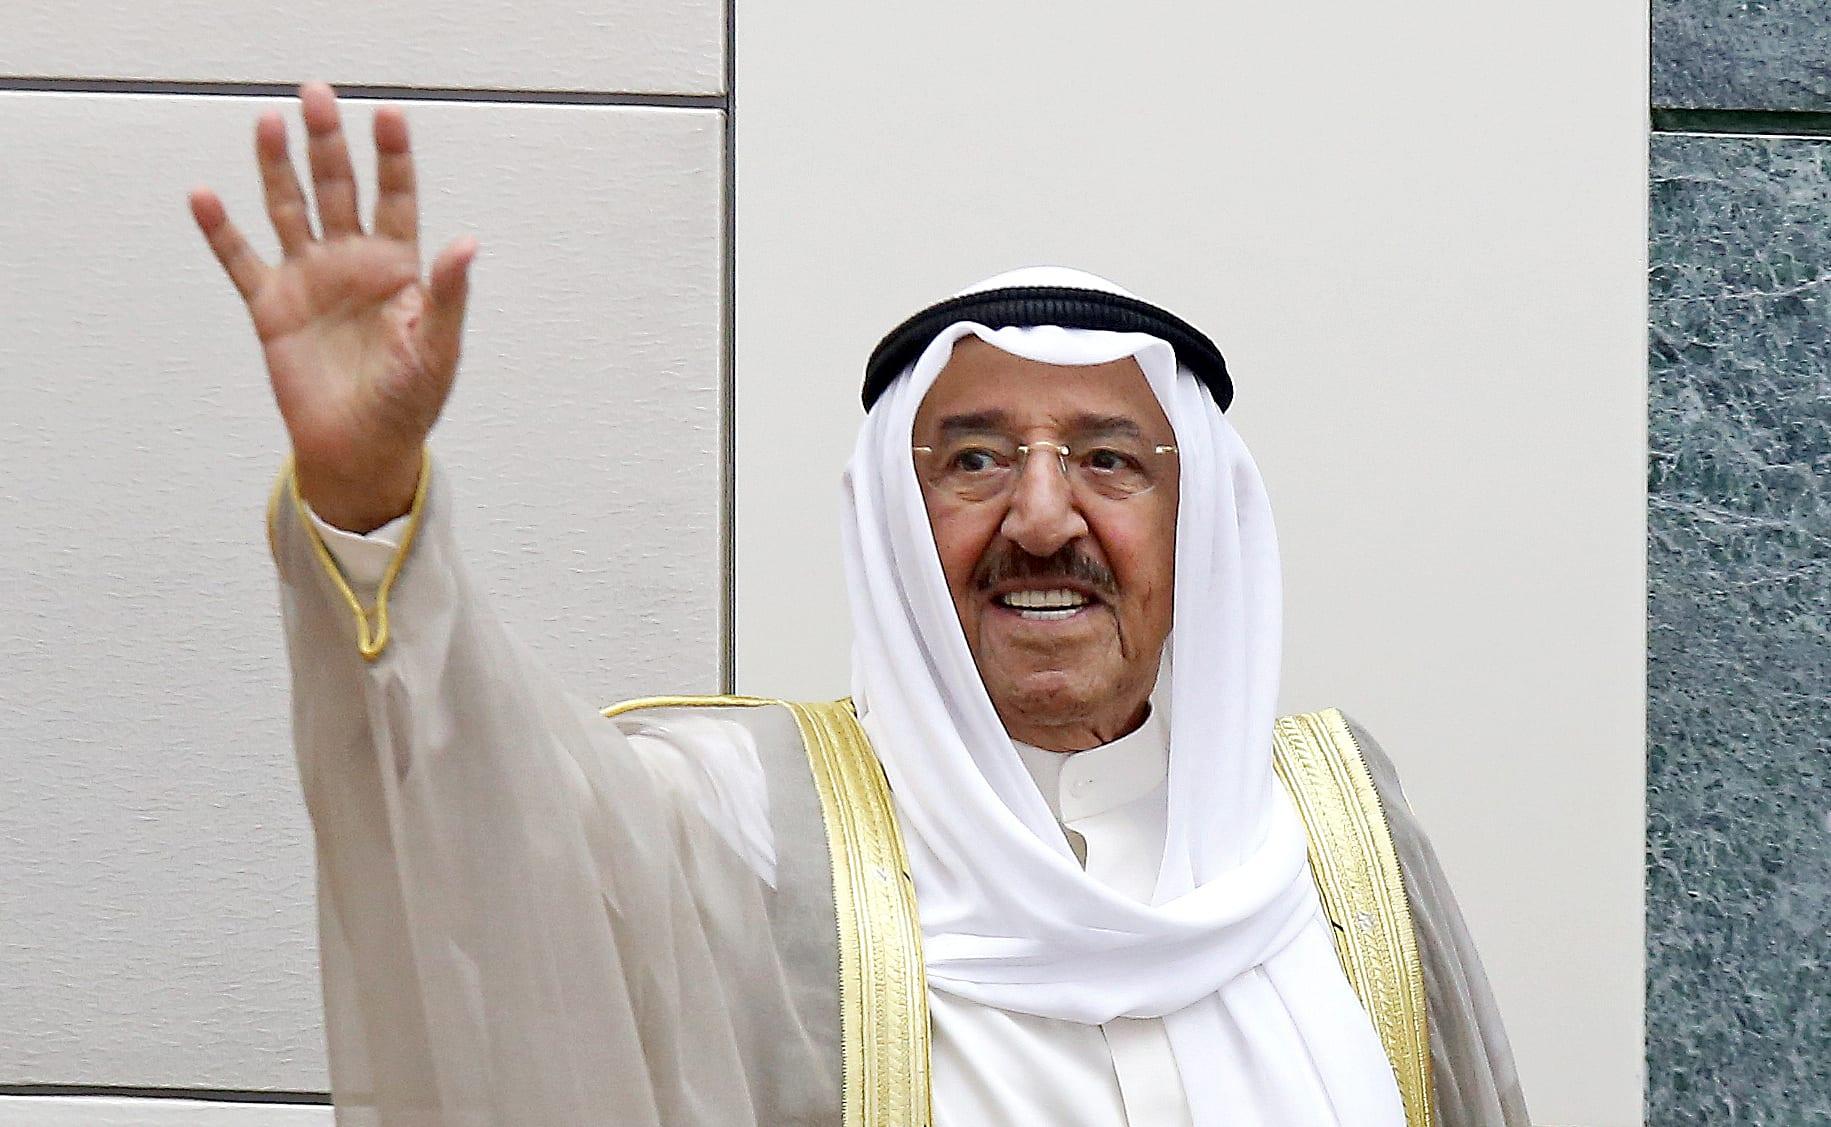 صورة أرشيفية لأمير الكويت الراحل الشيخ صباح الصباح